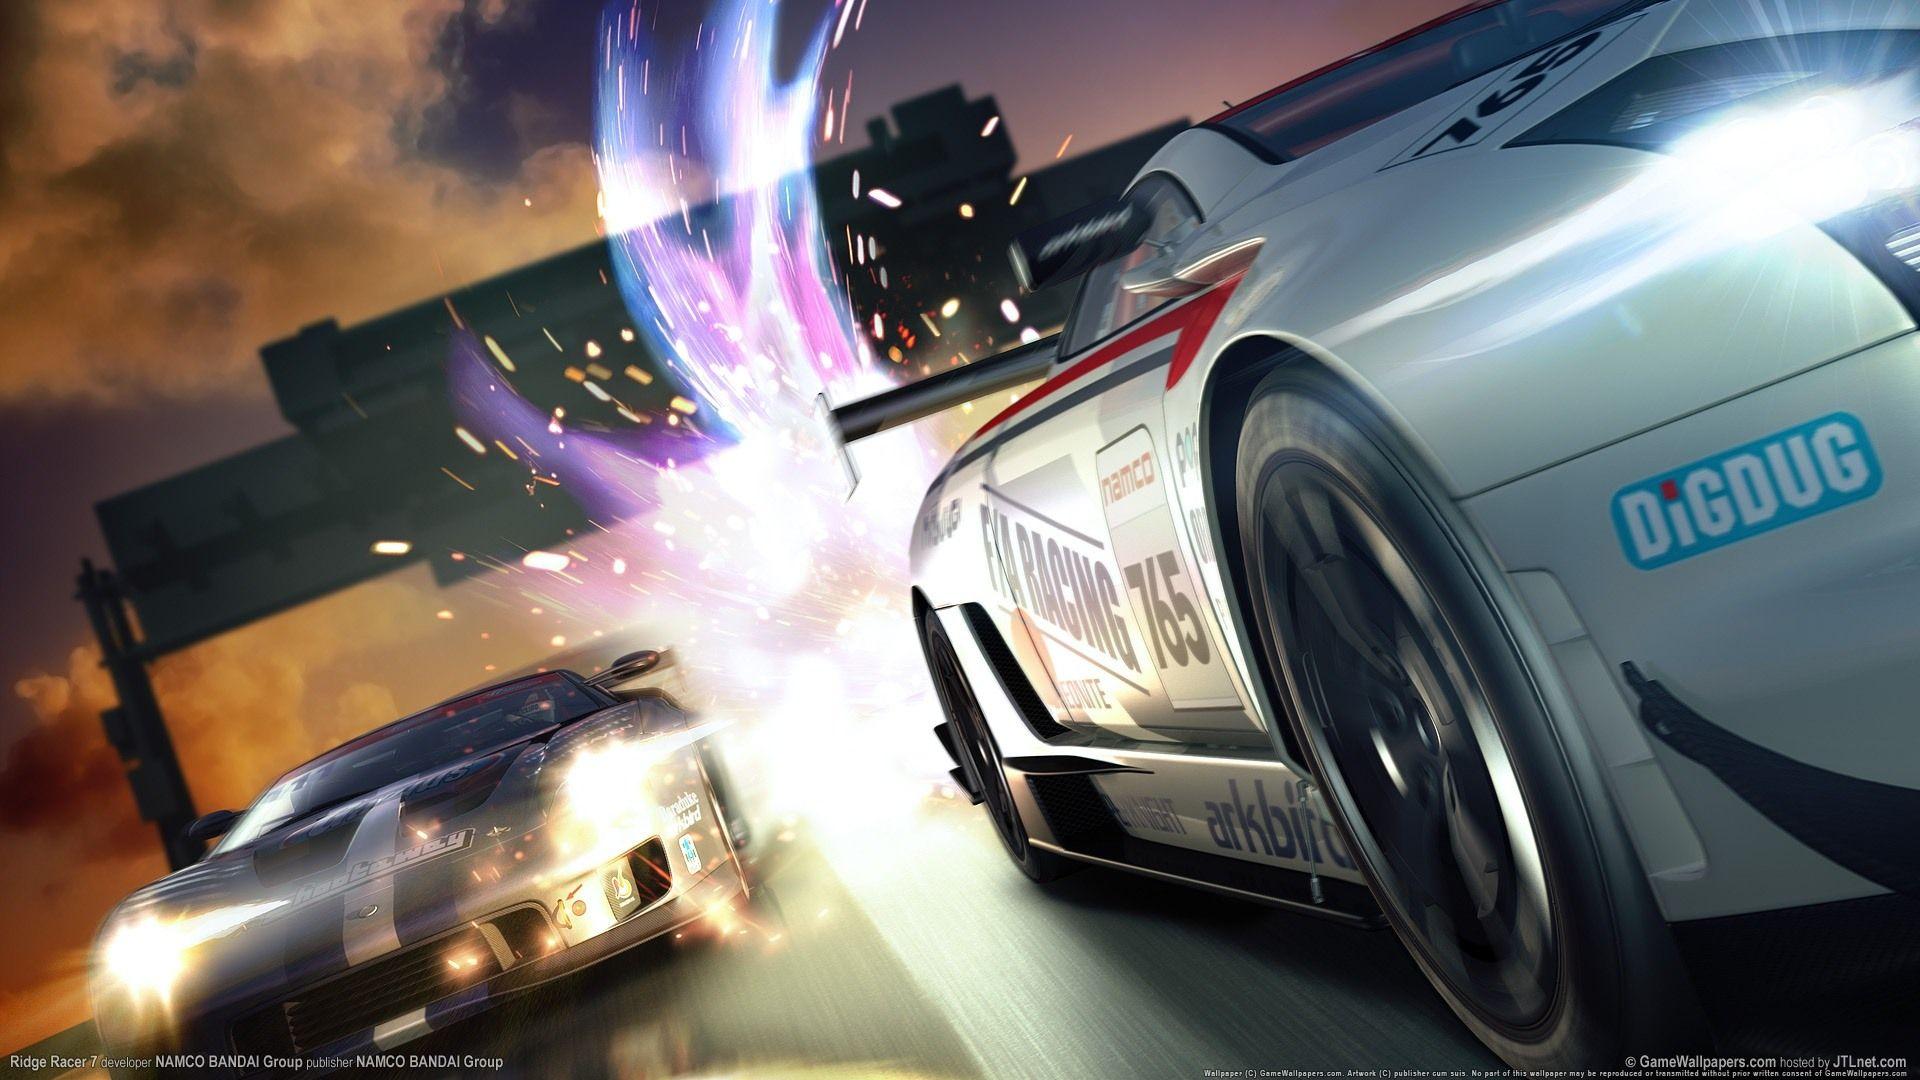 大型单机赛车游戏手机版 大型单机赛车游戏排行榜